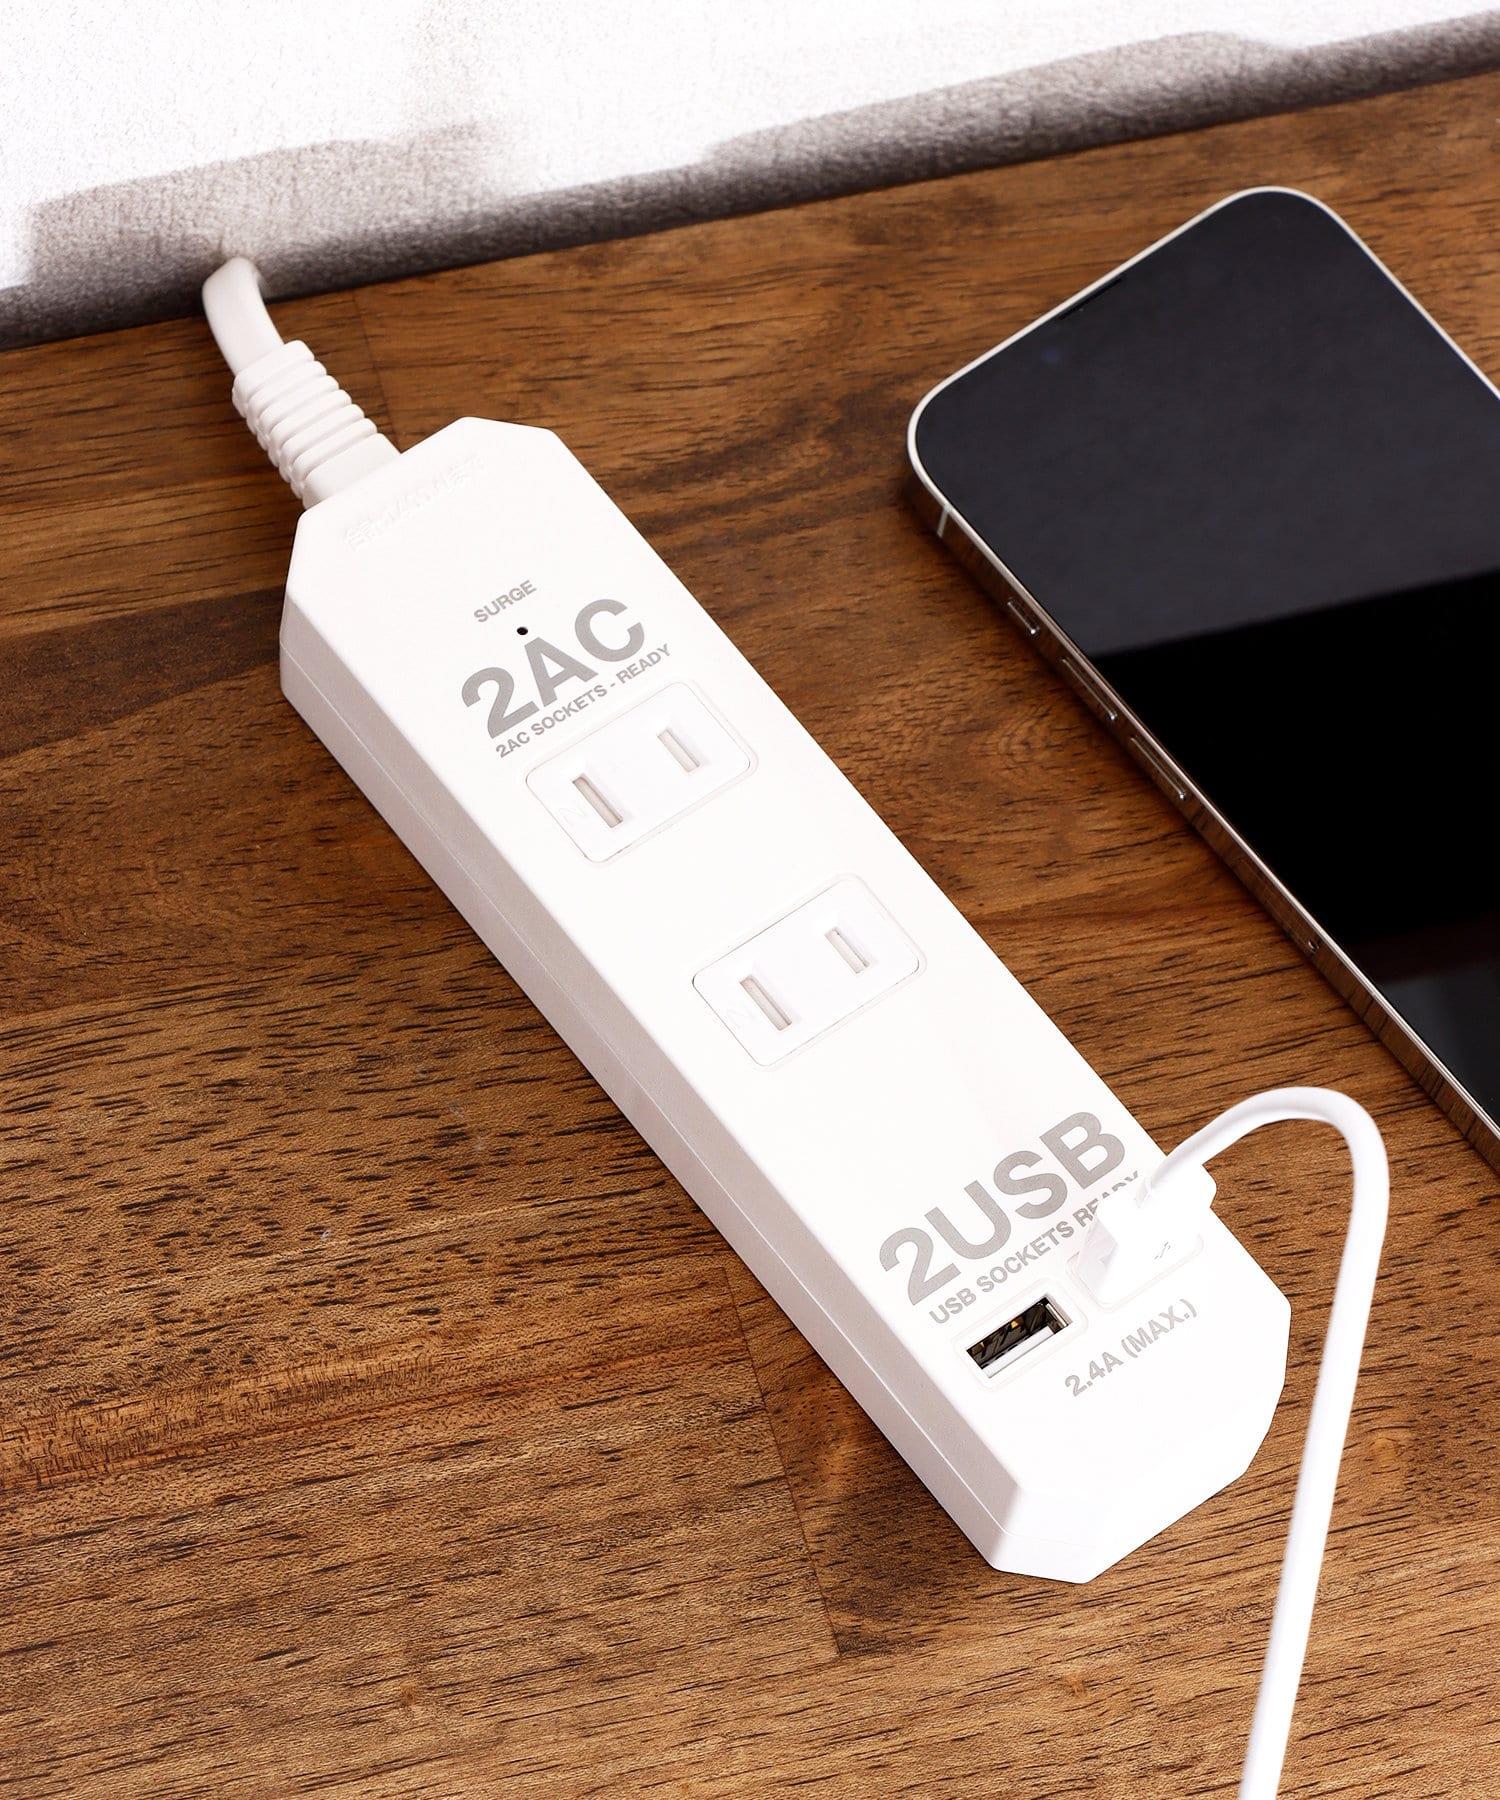 3COINS(スリーコインズ) ライフスタイル 2口AC+2口USBポートタップ1m ホワイト